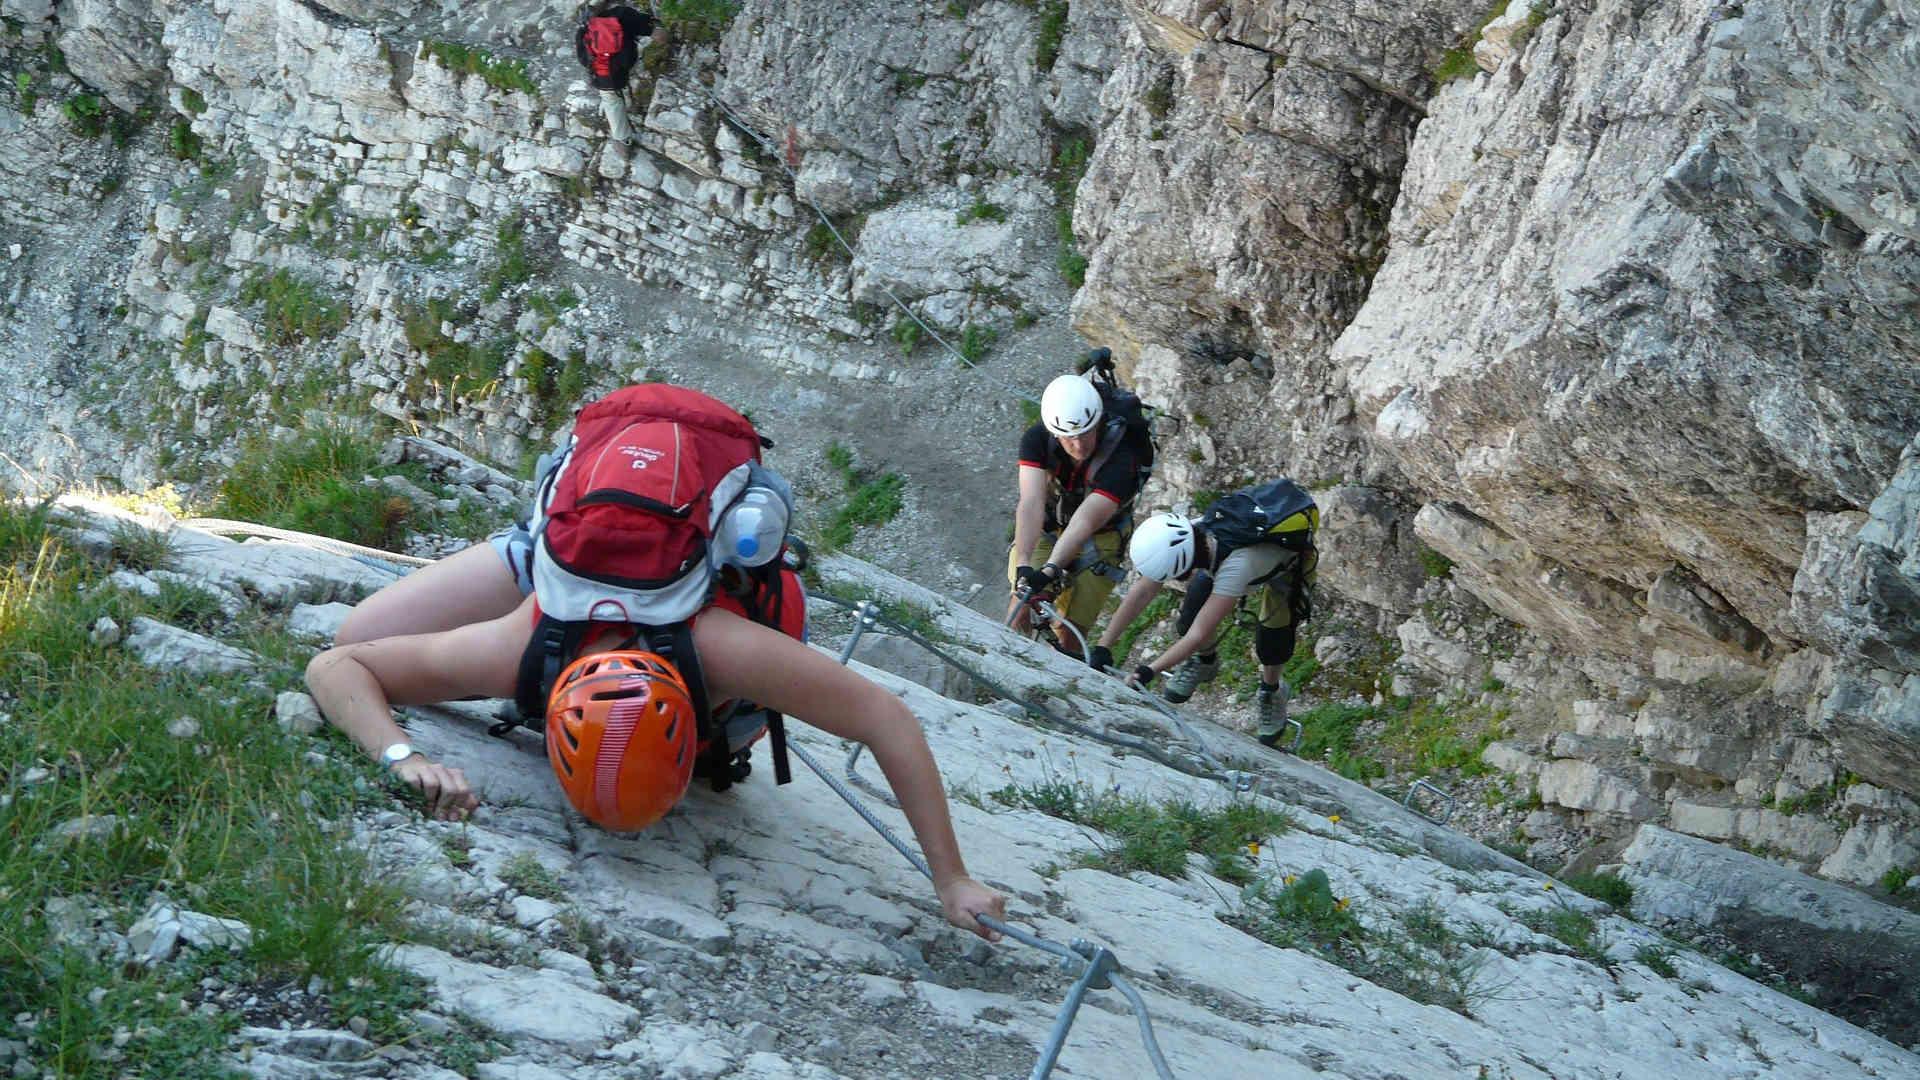 Klettersteig Ausrüstung : Die richtige basis klettersteig ausrüstung zusammenstellen